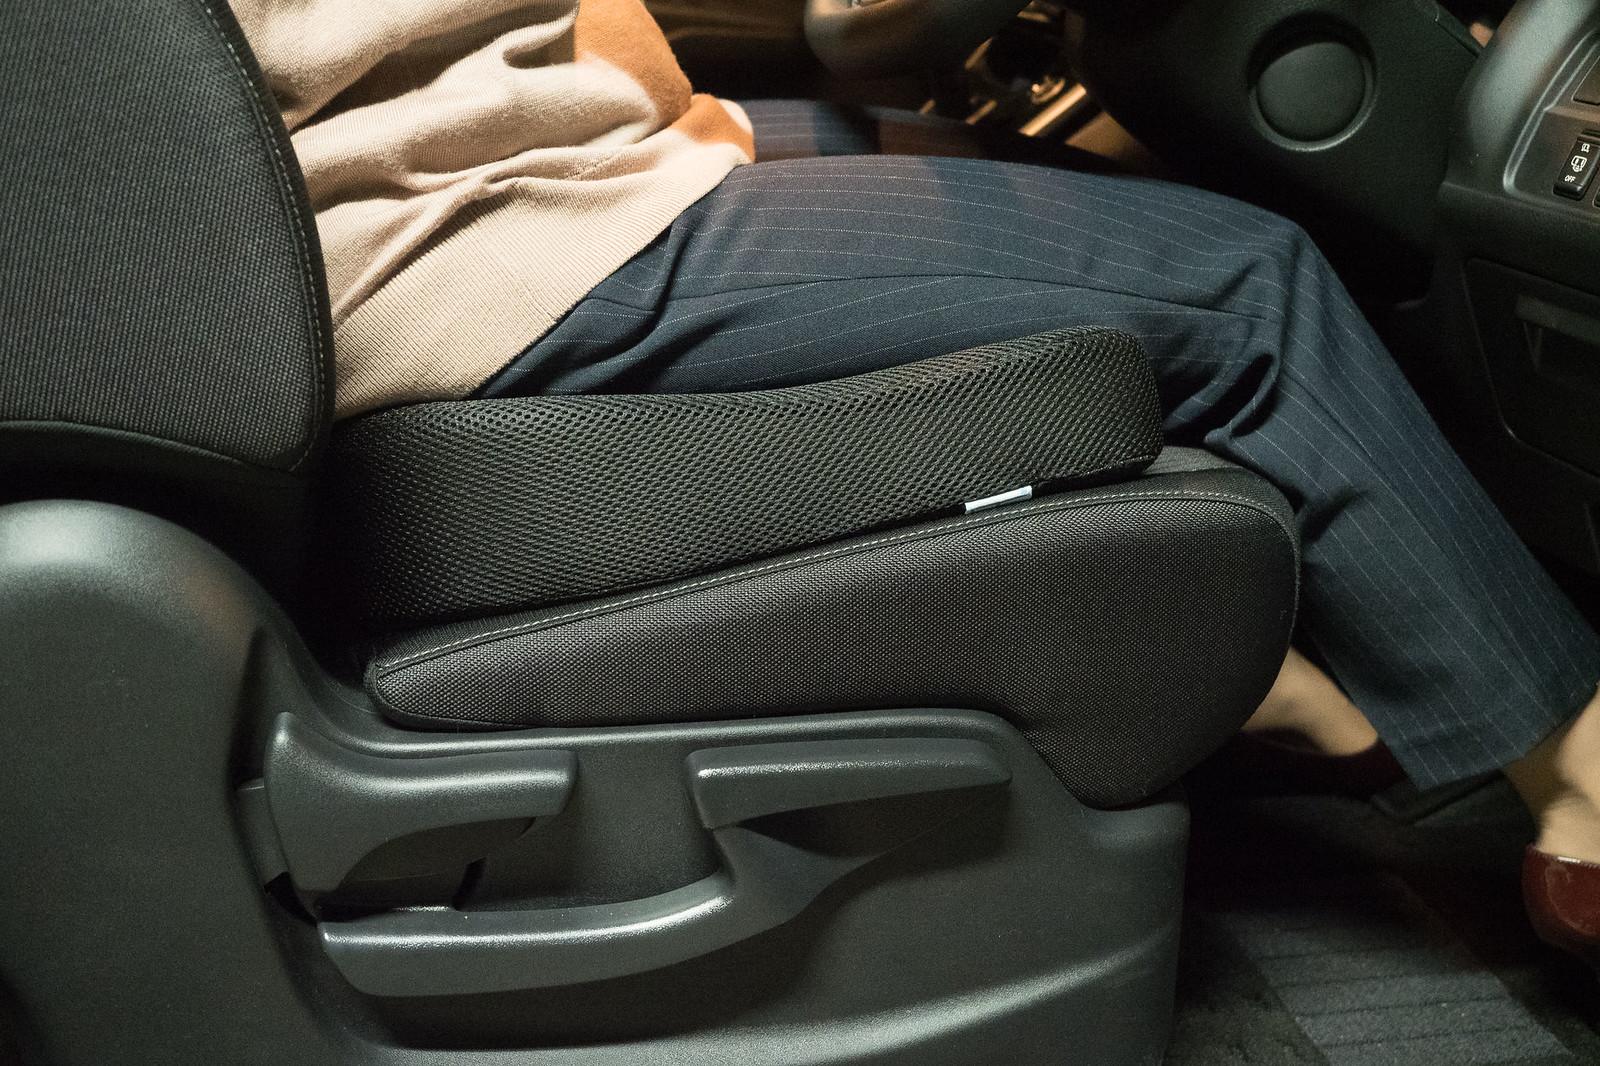 car_cushion-15